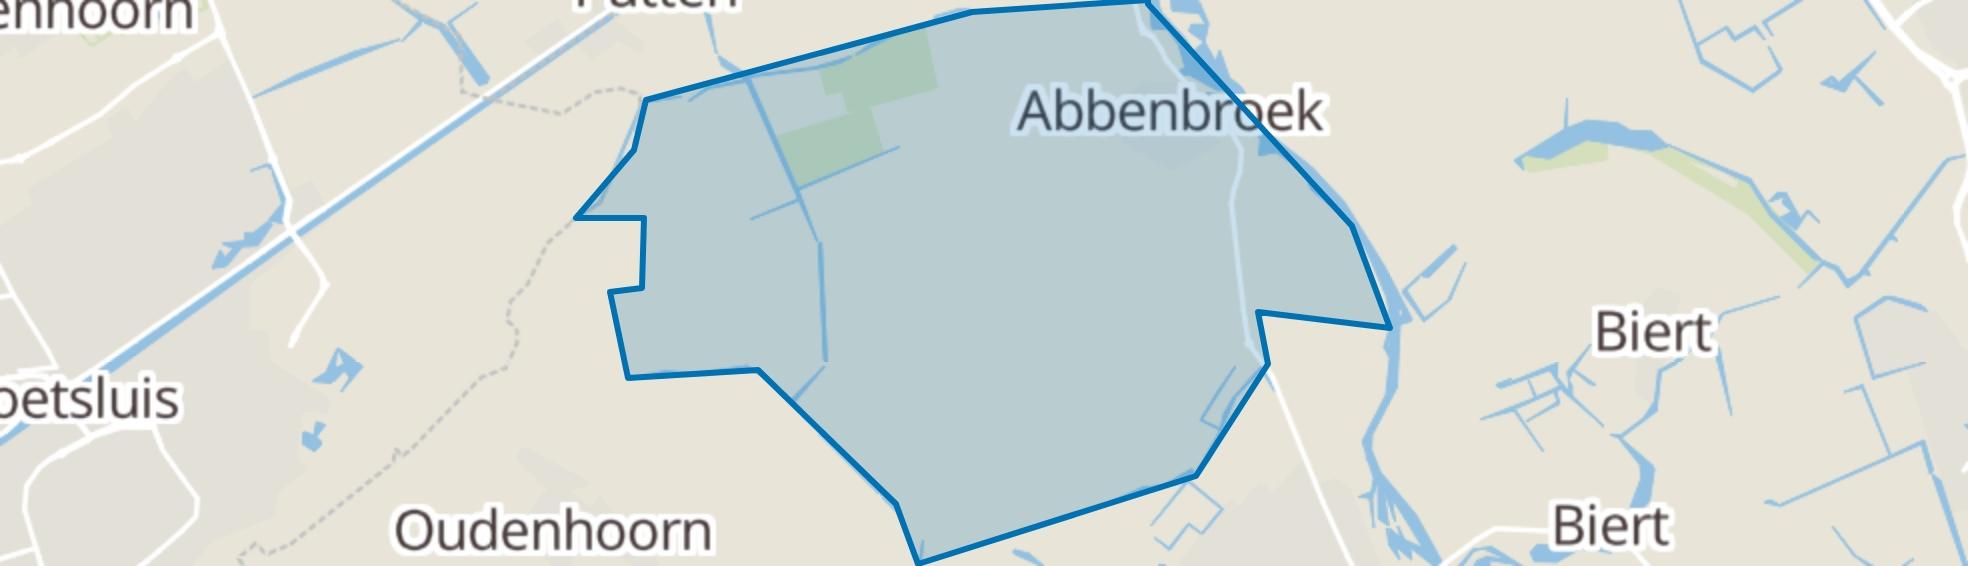 Abbenbroek map